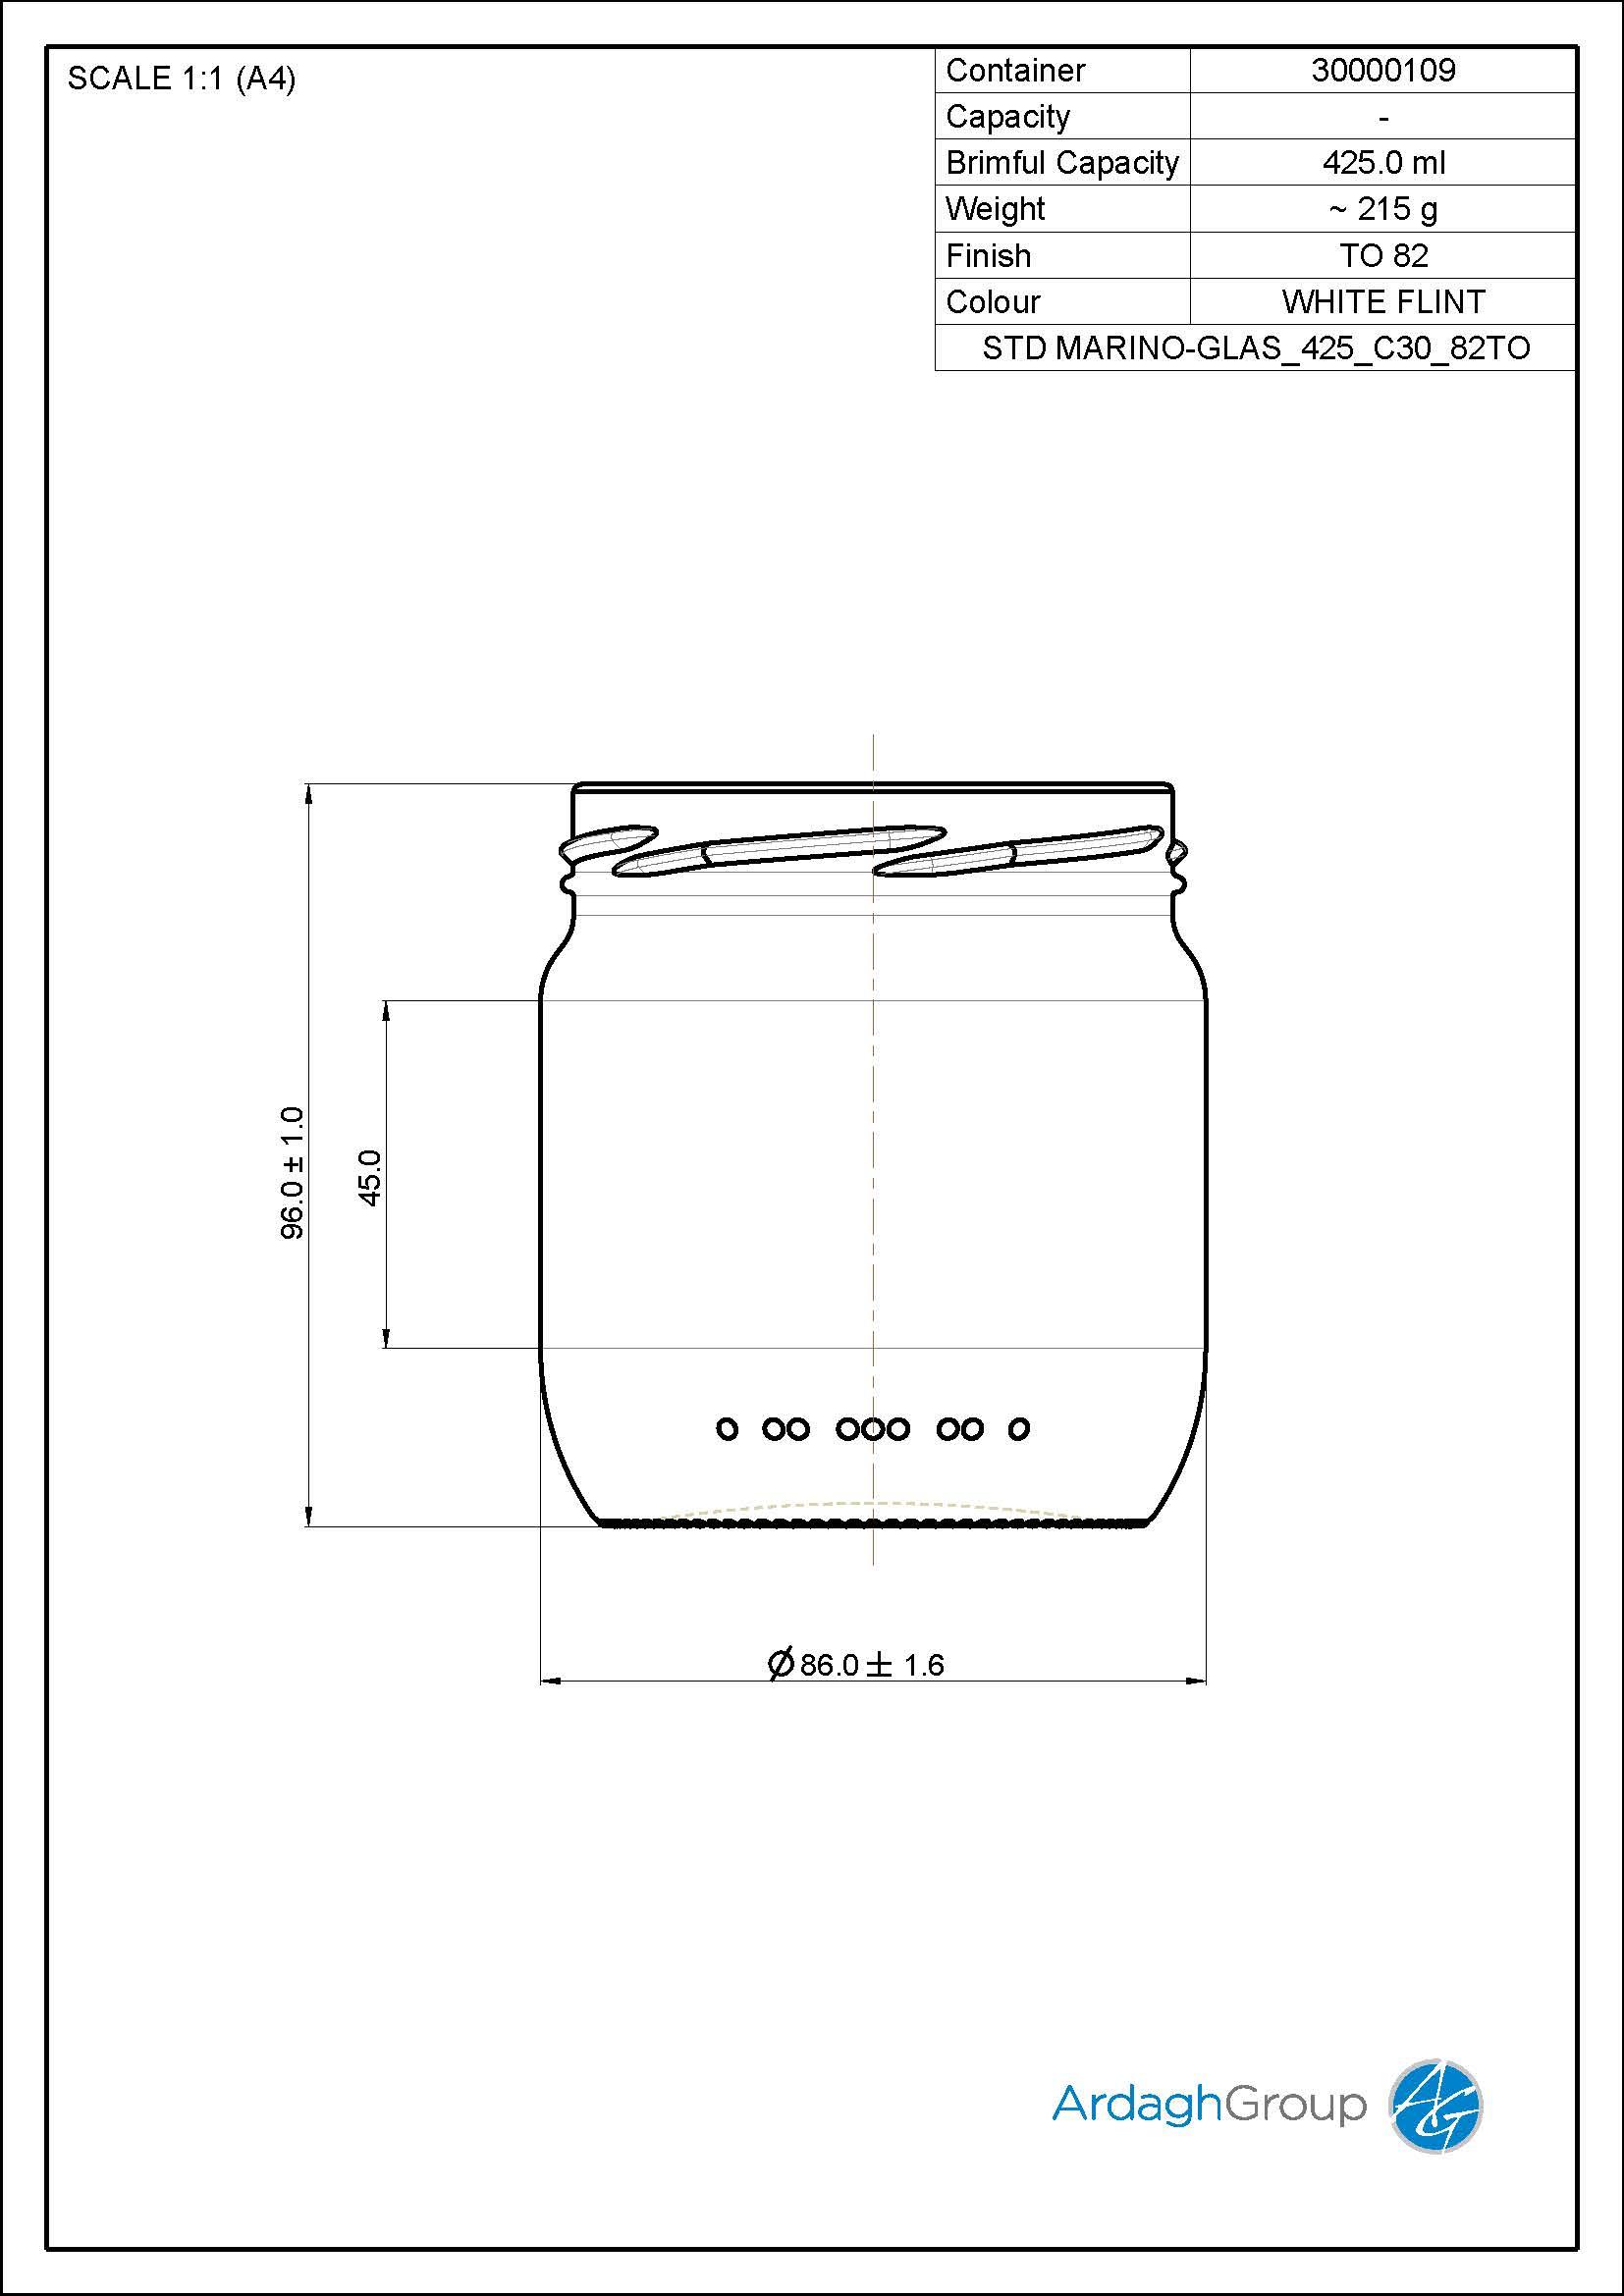 STD MARINO-GLAS 425 C30 82TO